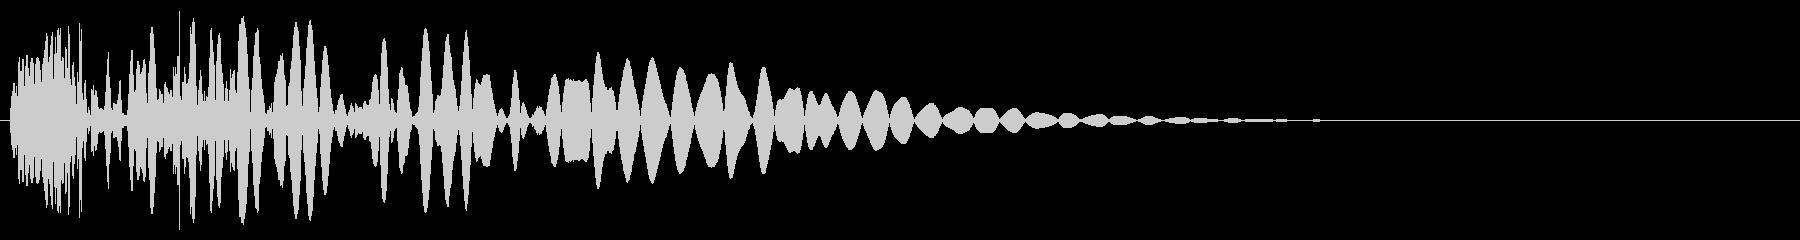 ボコン(パンチ・打撃音)の未再生の波形